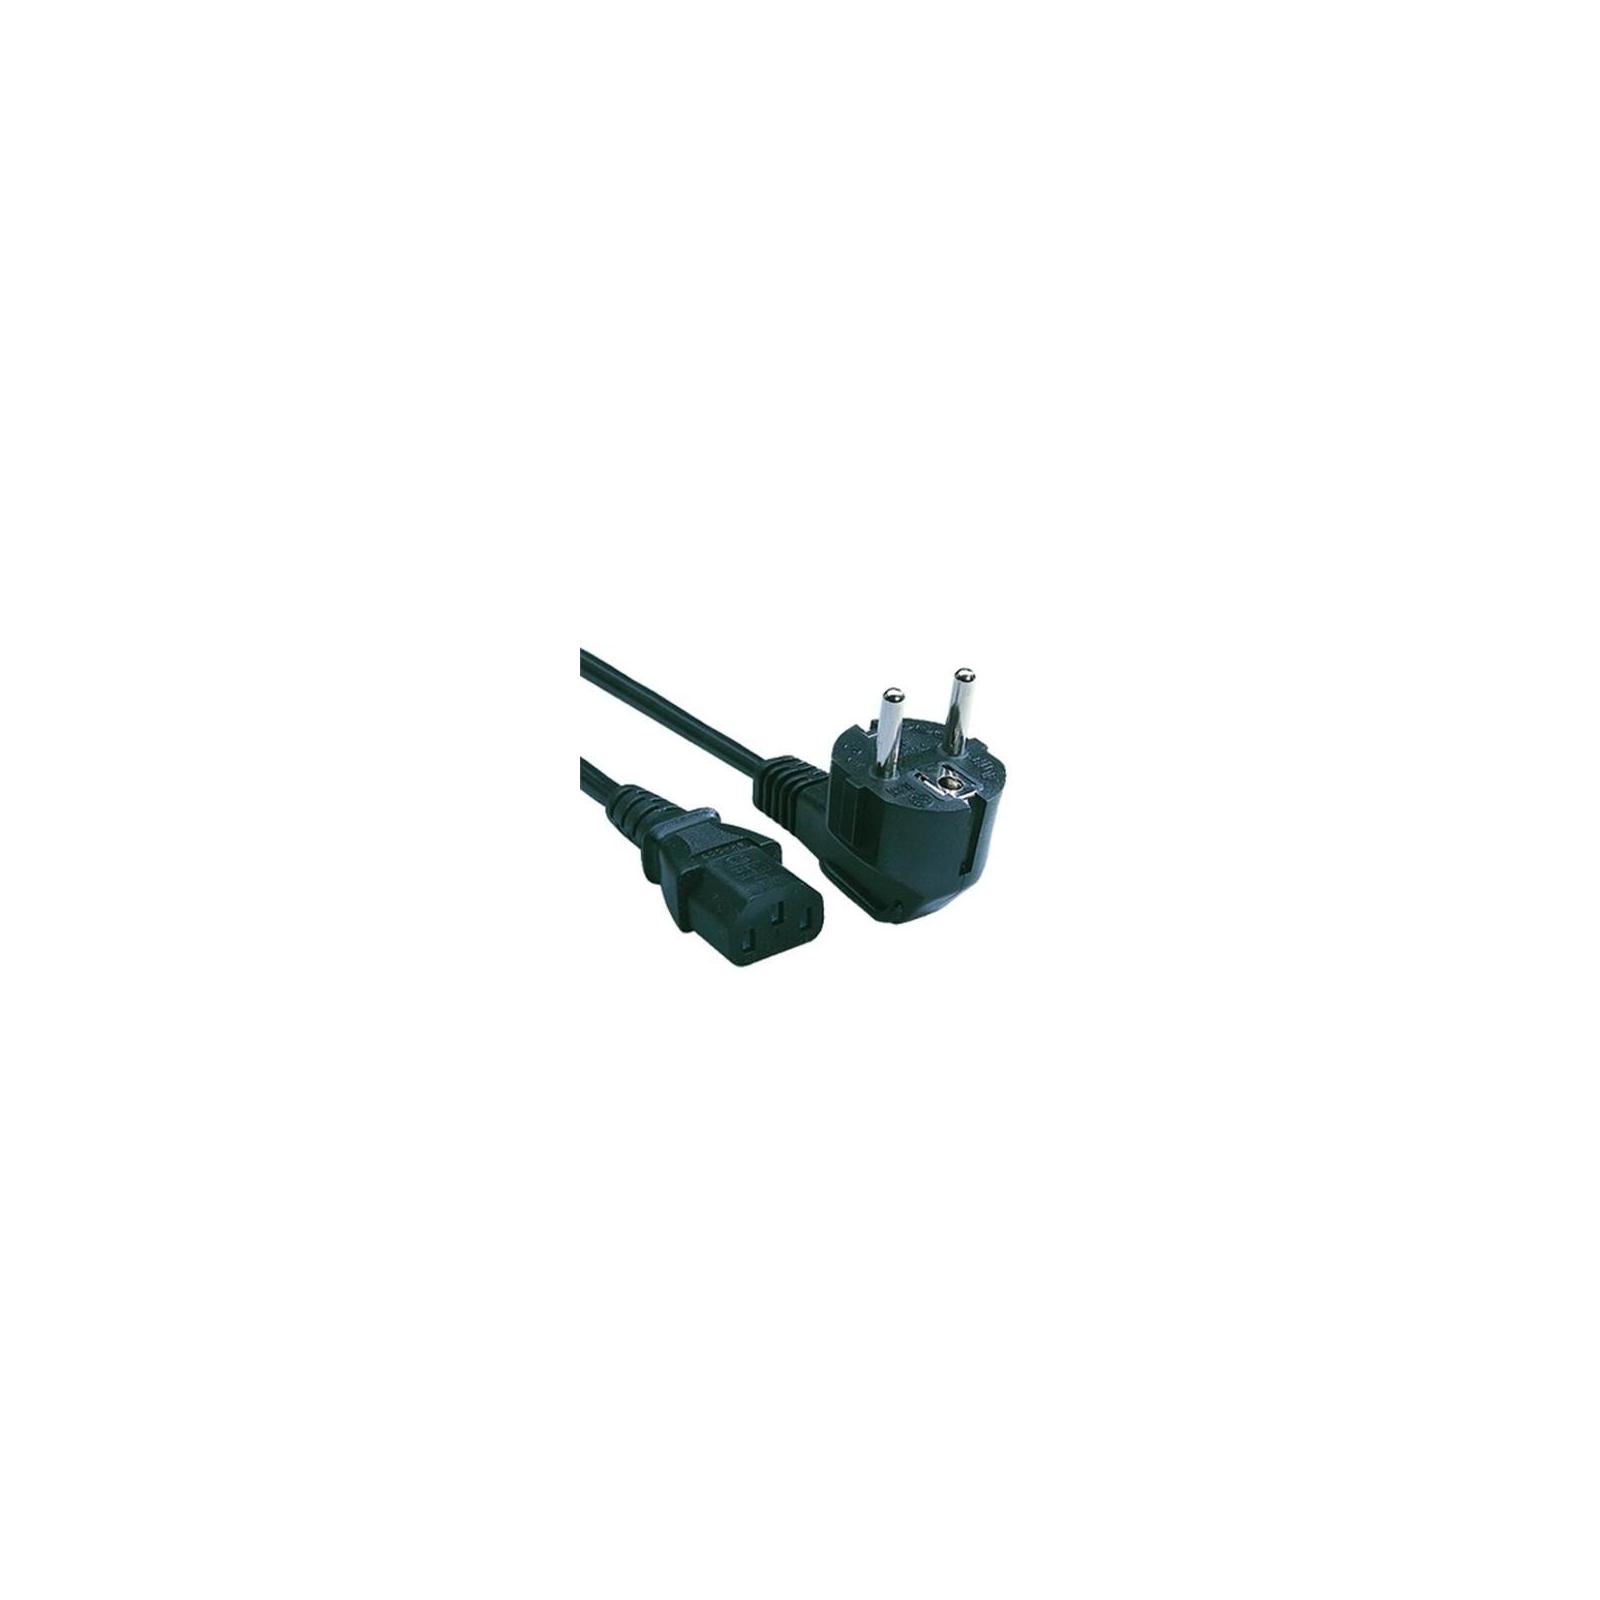 Кабель питания C13 0.15m Cablexpert (PC-186-15СМ)